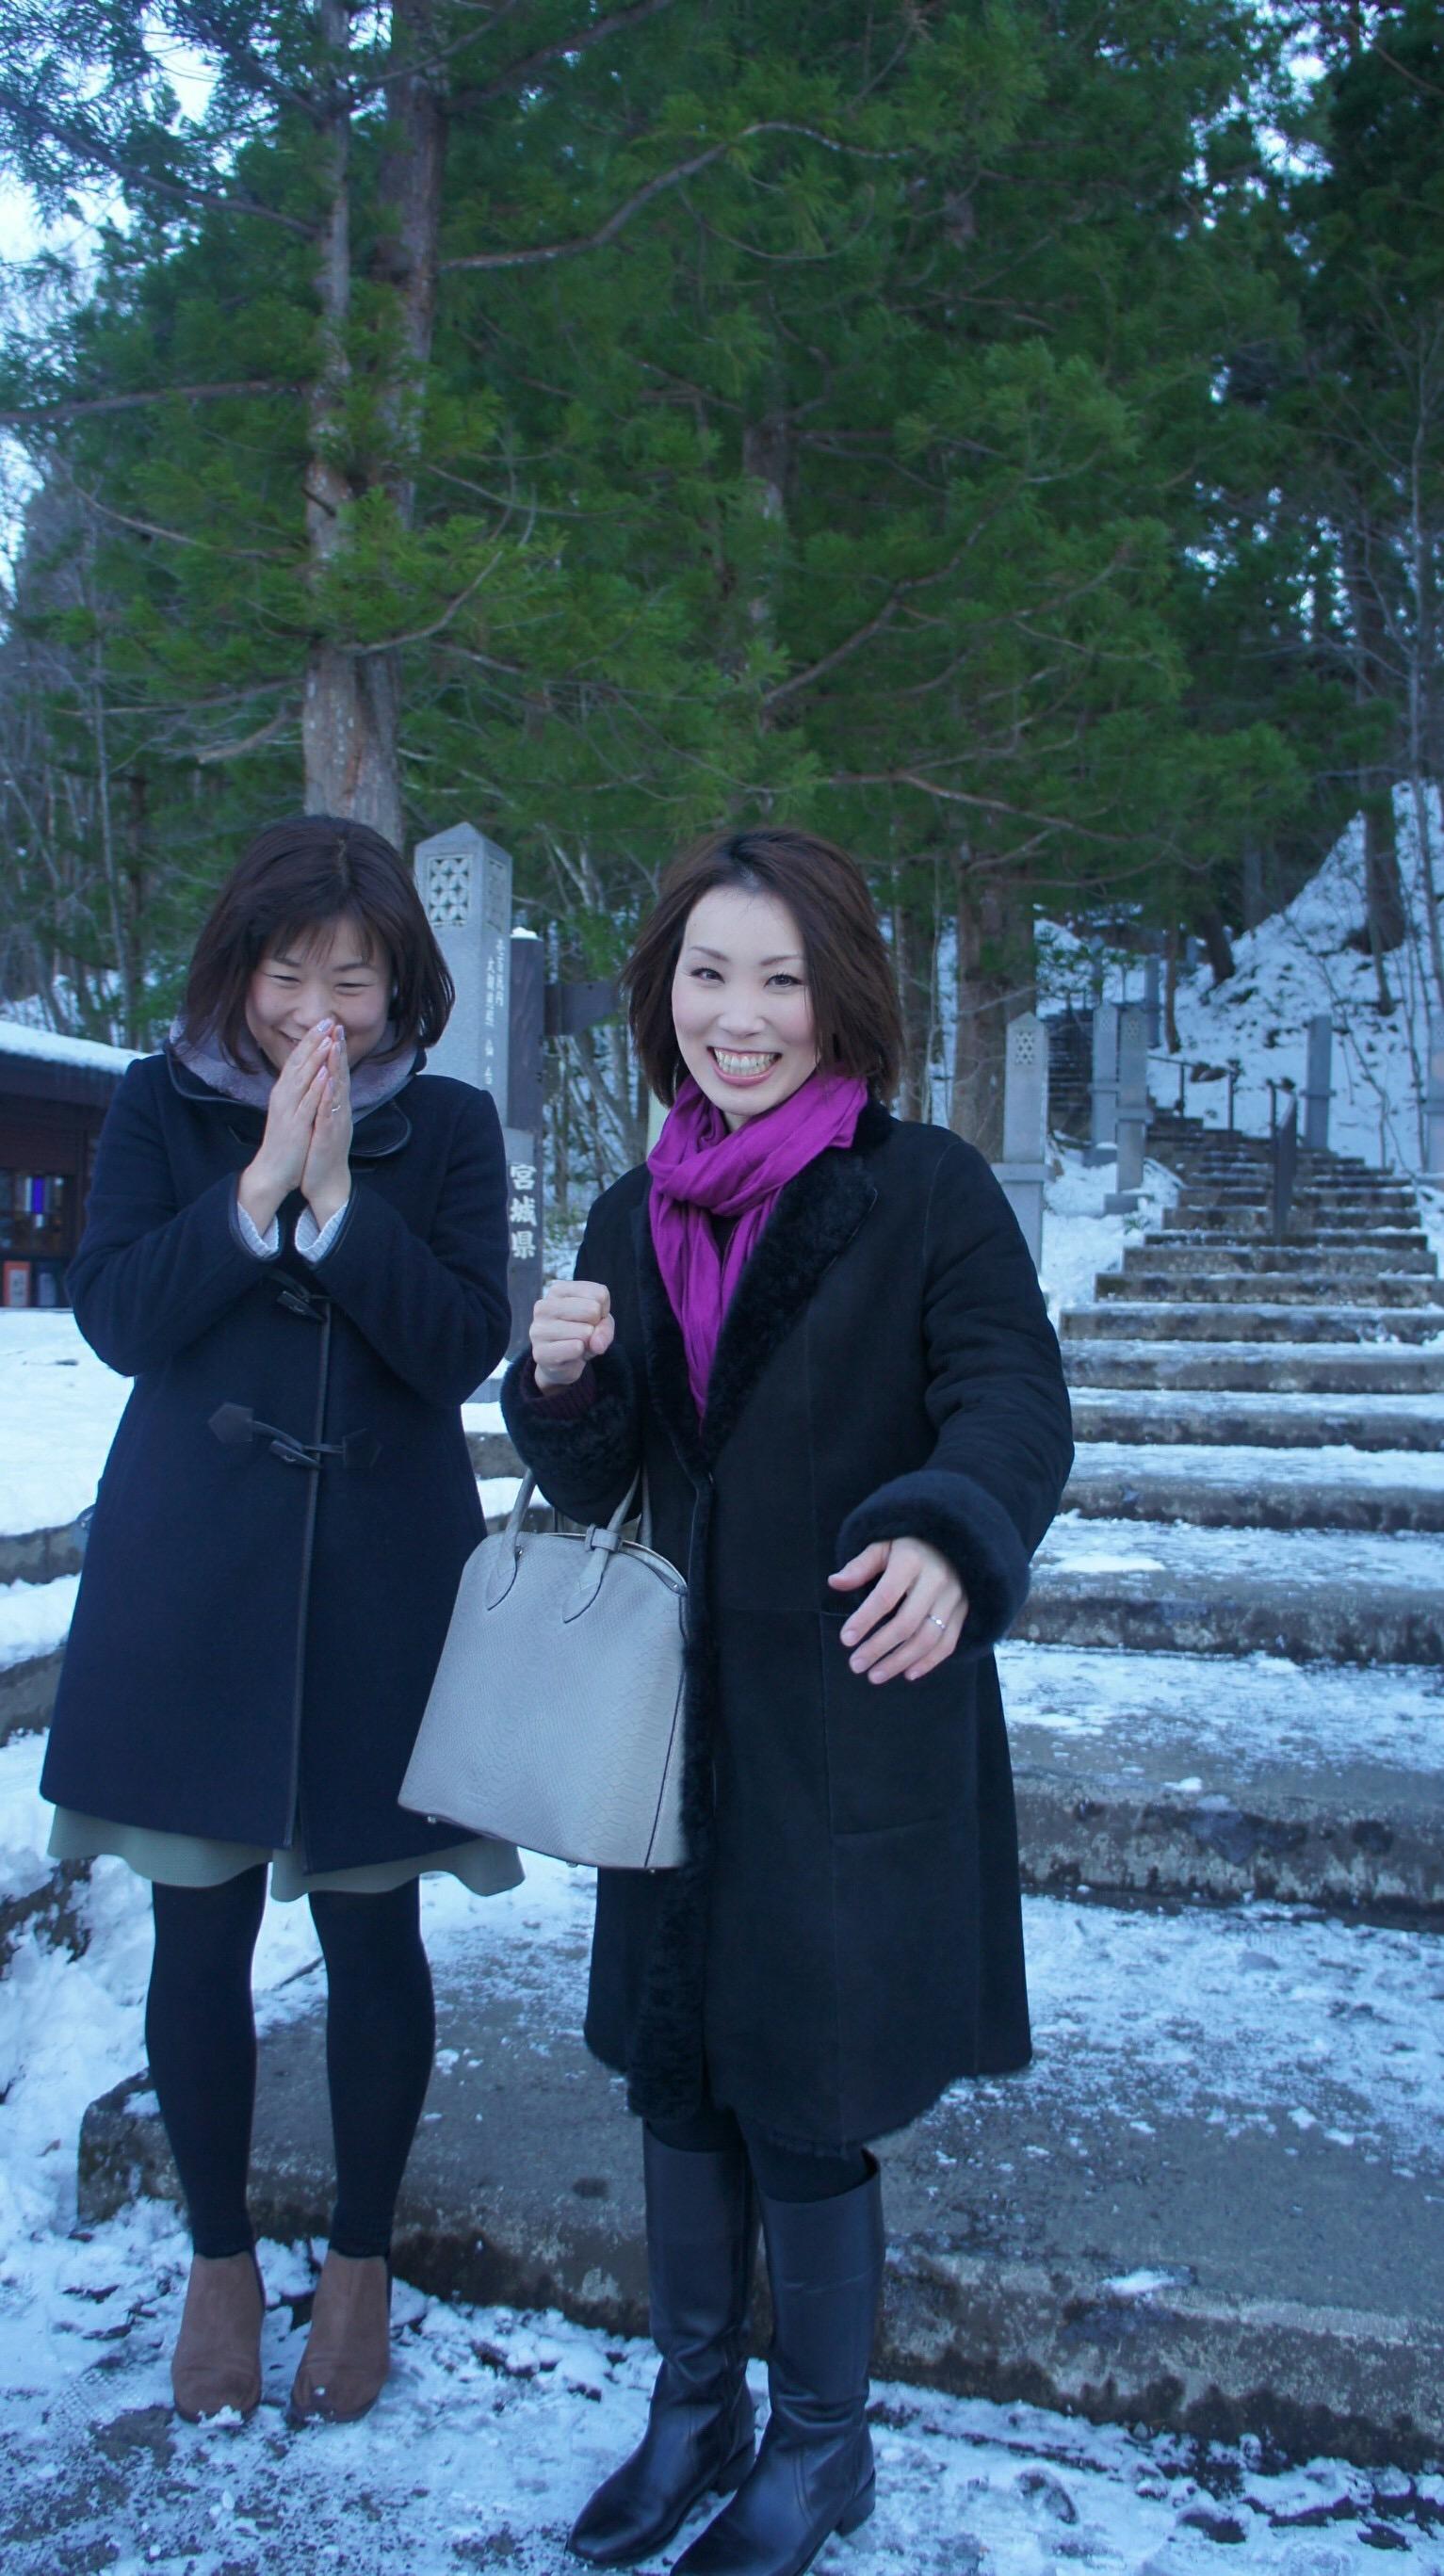 美衣さん、ようこそ仙台へ!初めてのシティメイト交流!!